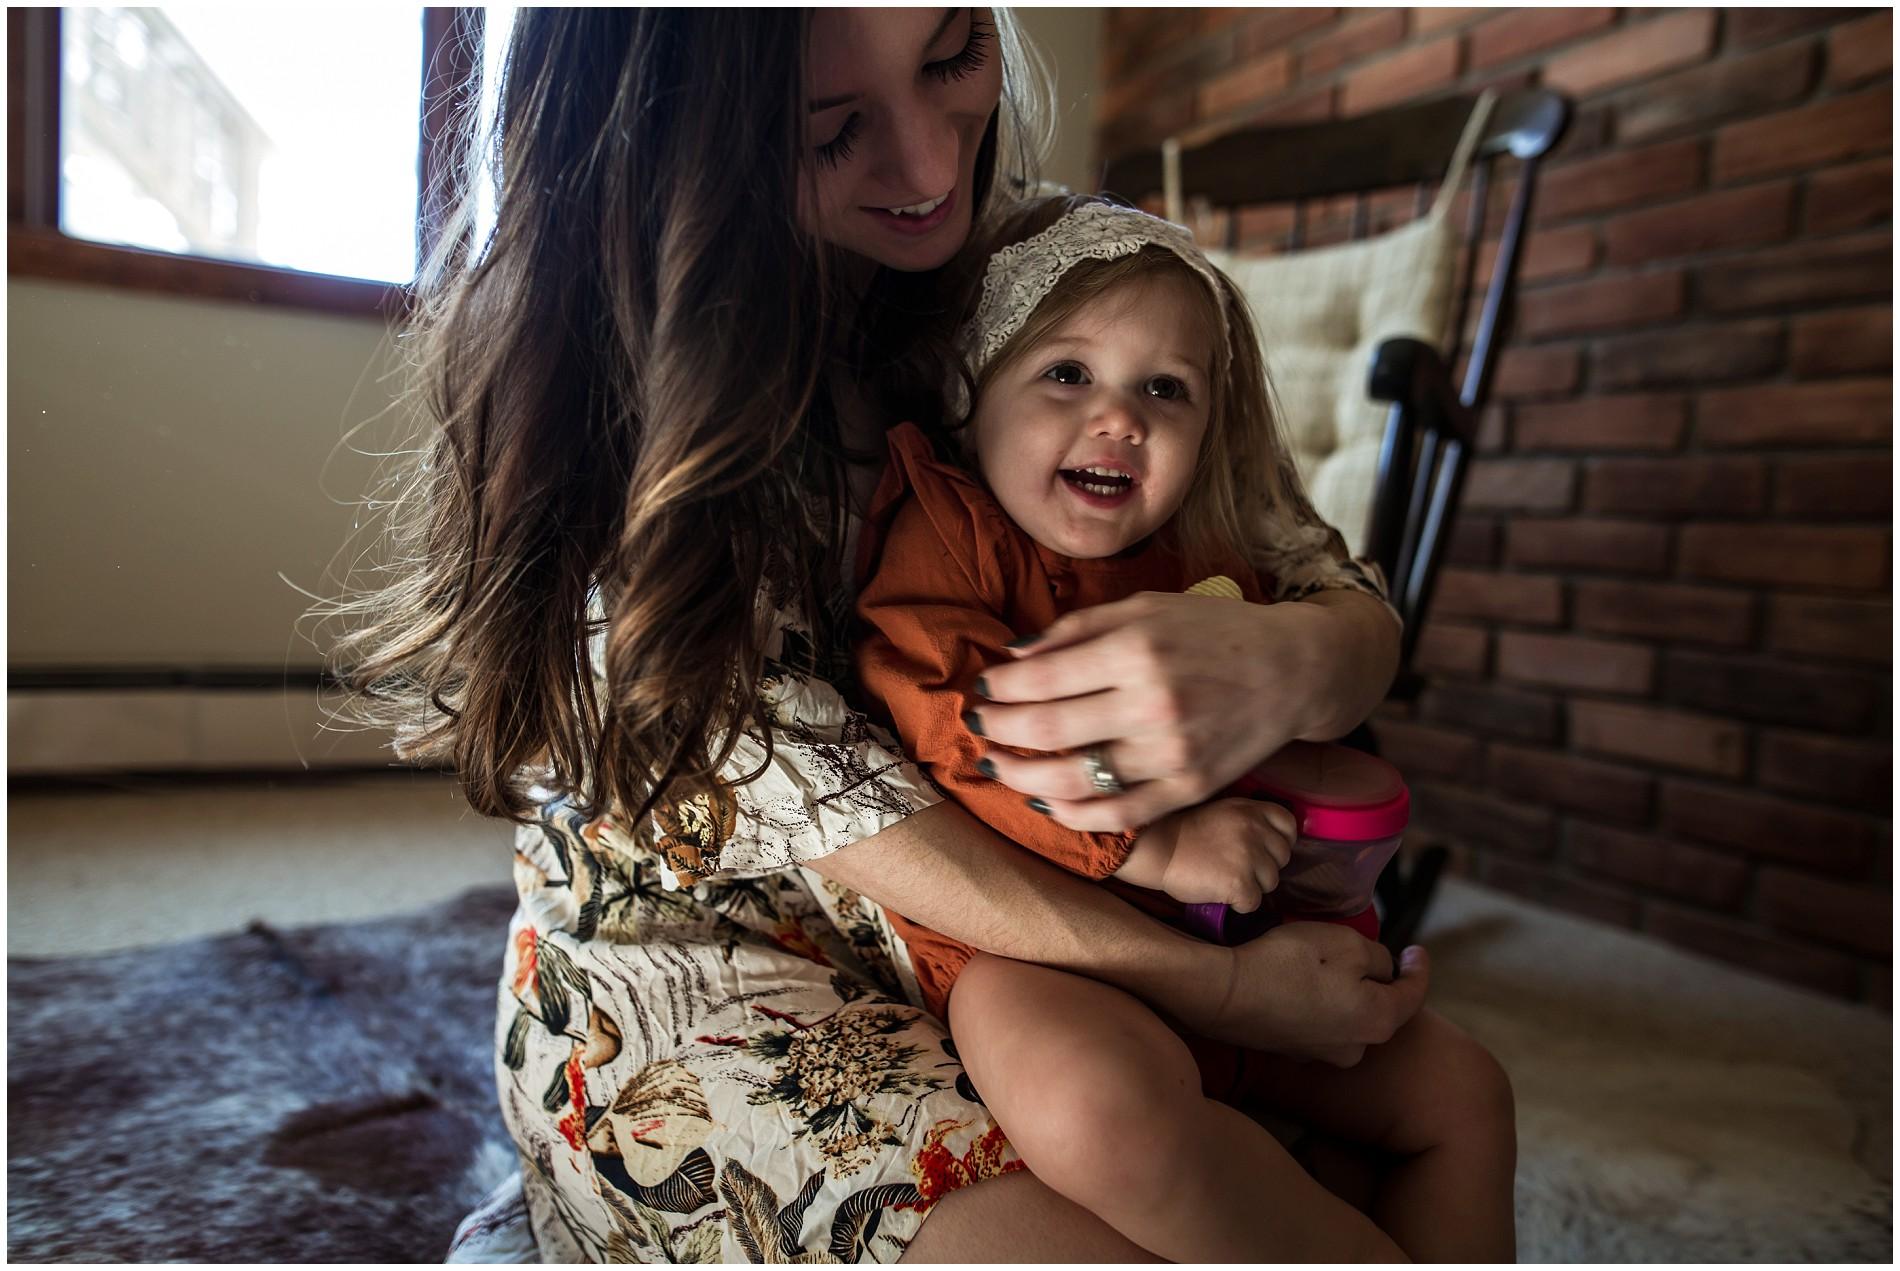 Chelsea, Michigan motherhood photographer